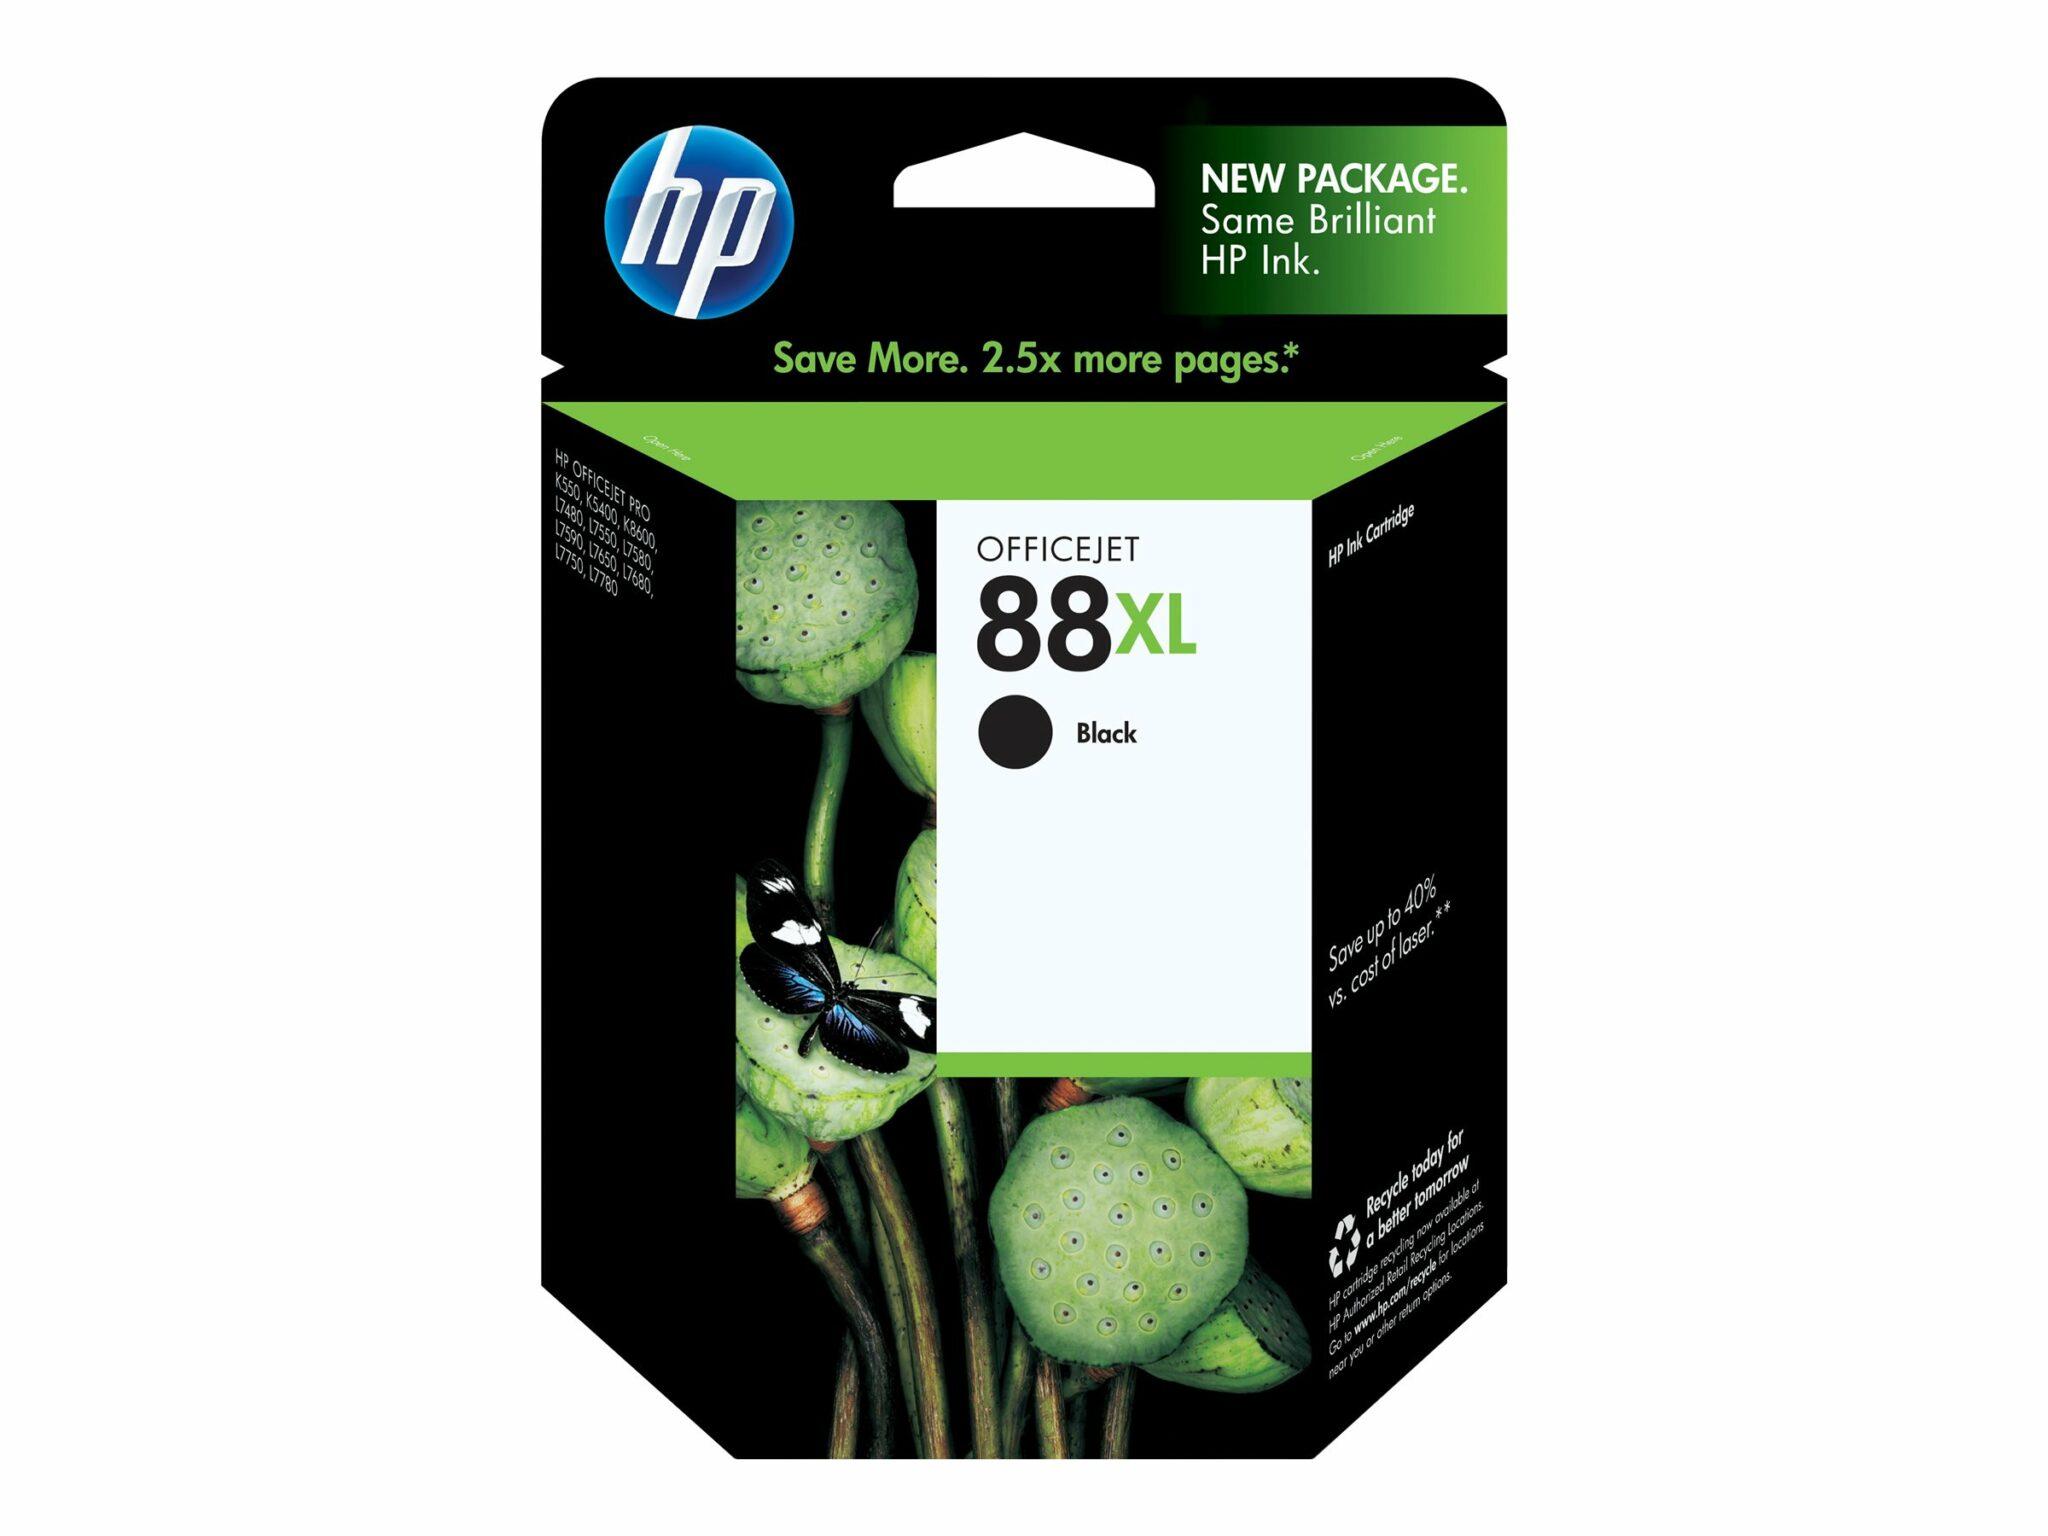 HP 88XL Black OEM Ink Cartridge